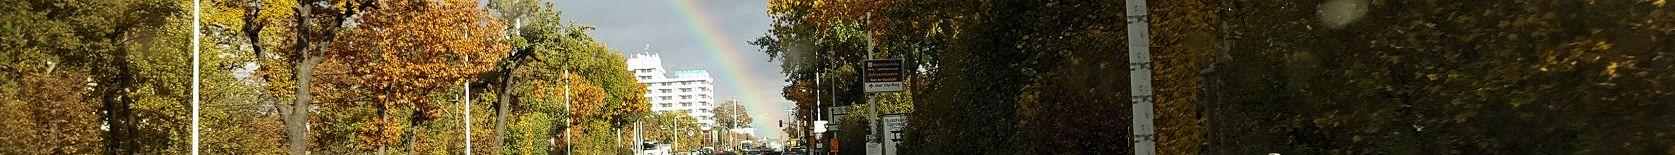 Herbstlicher Regenbogen über dem Luisenplatz